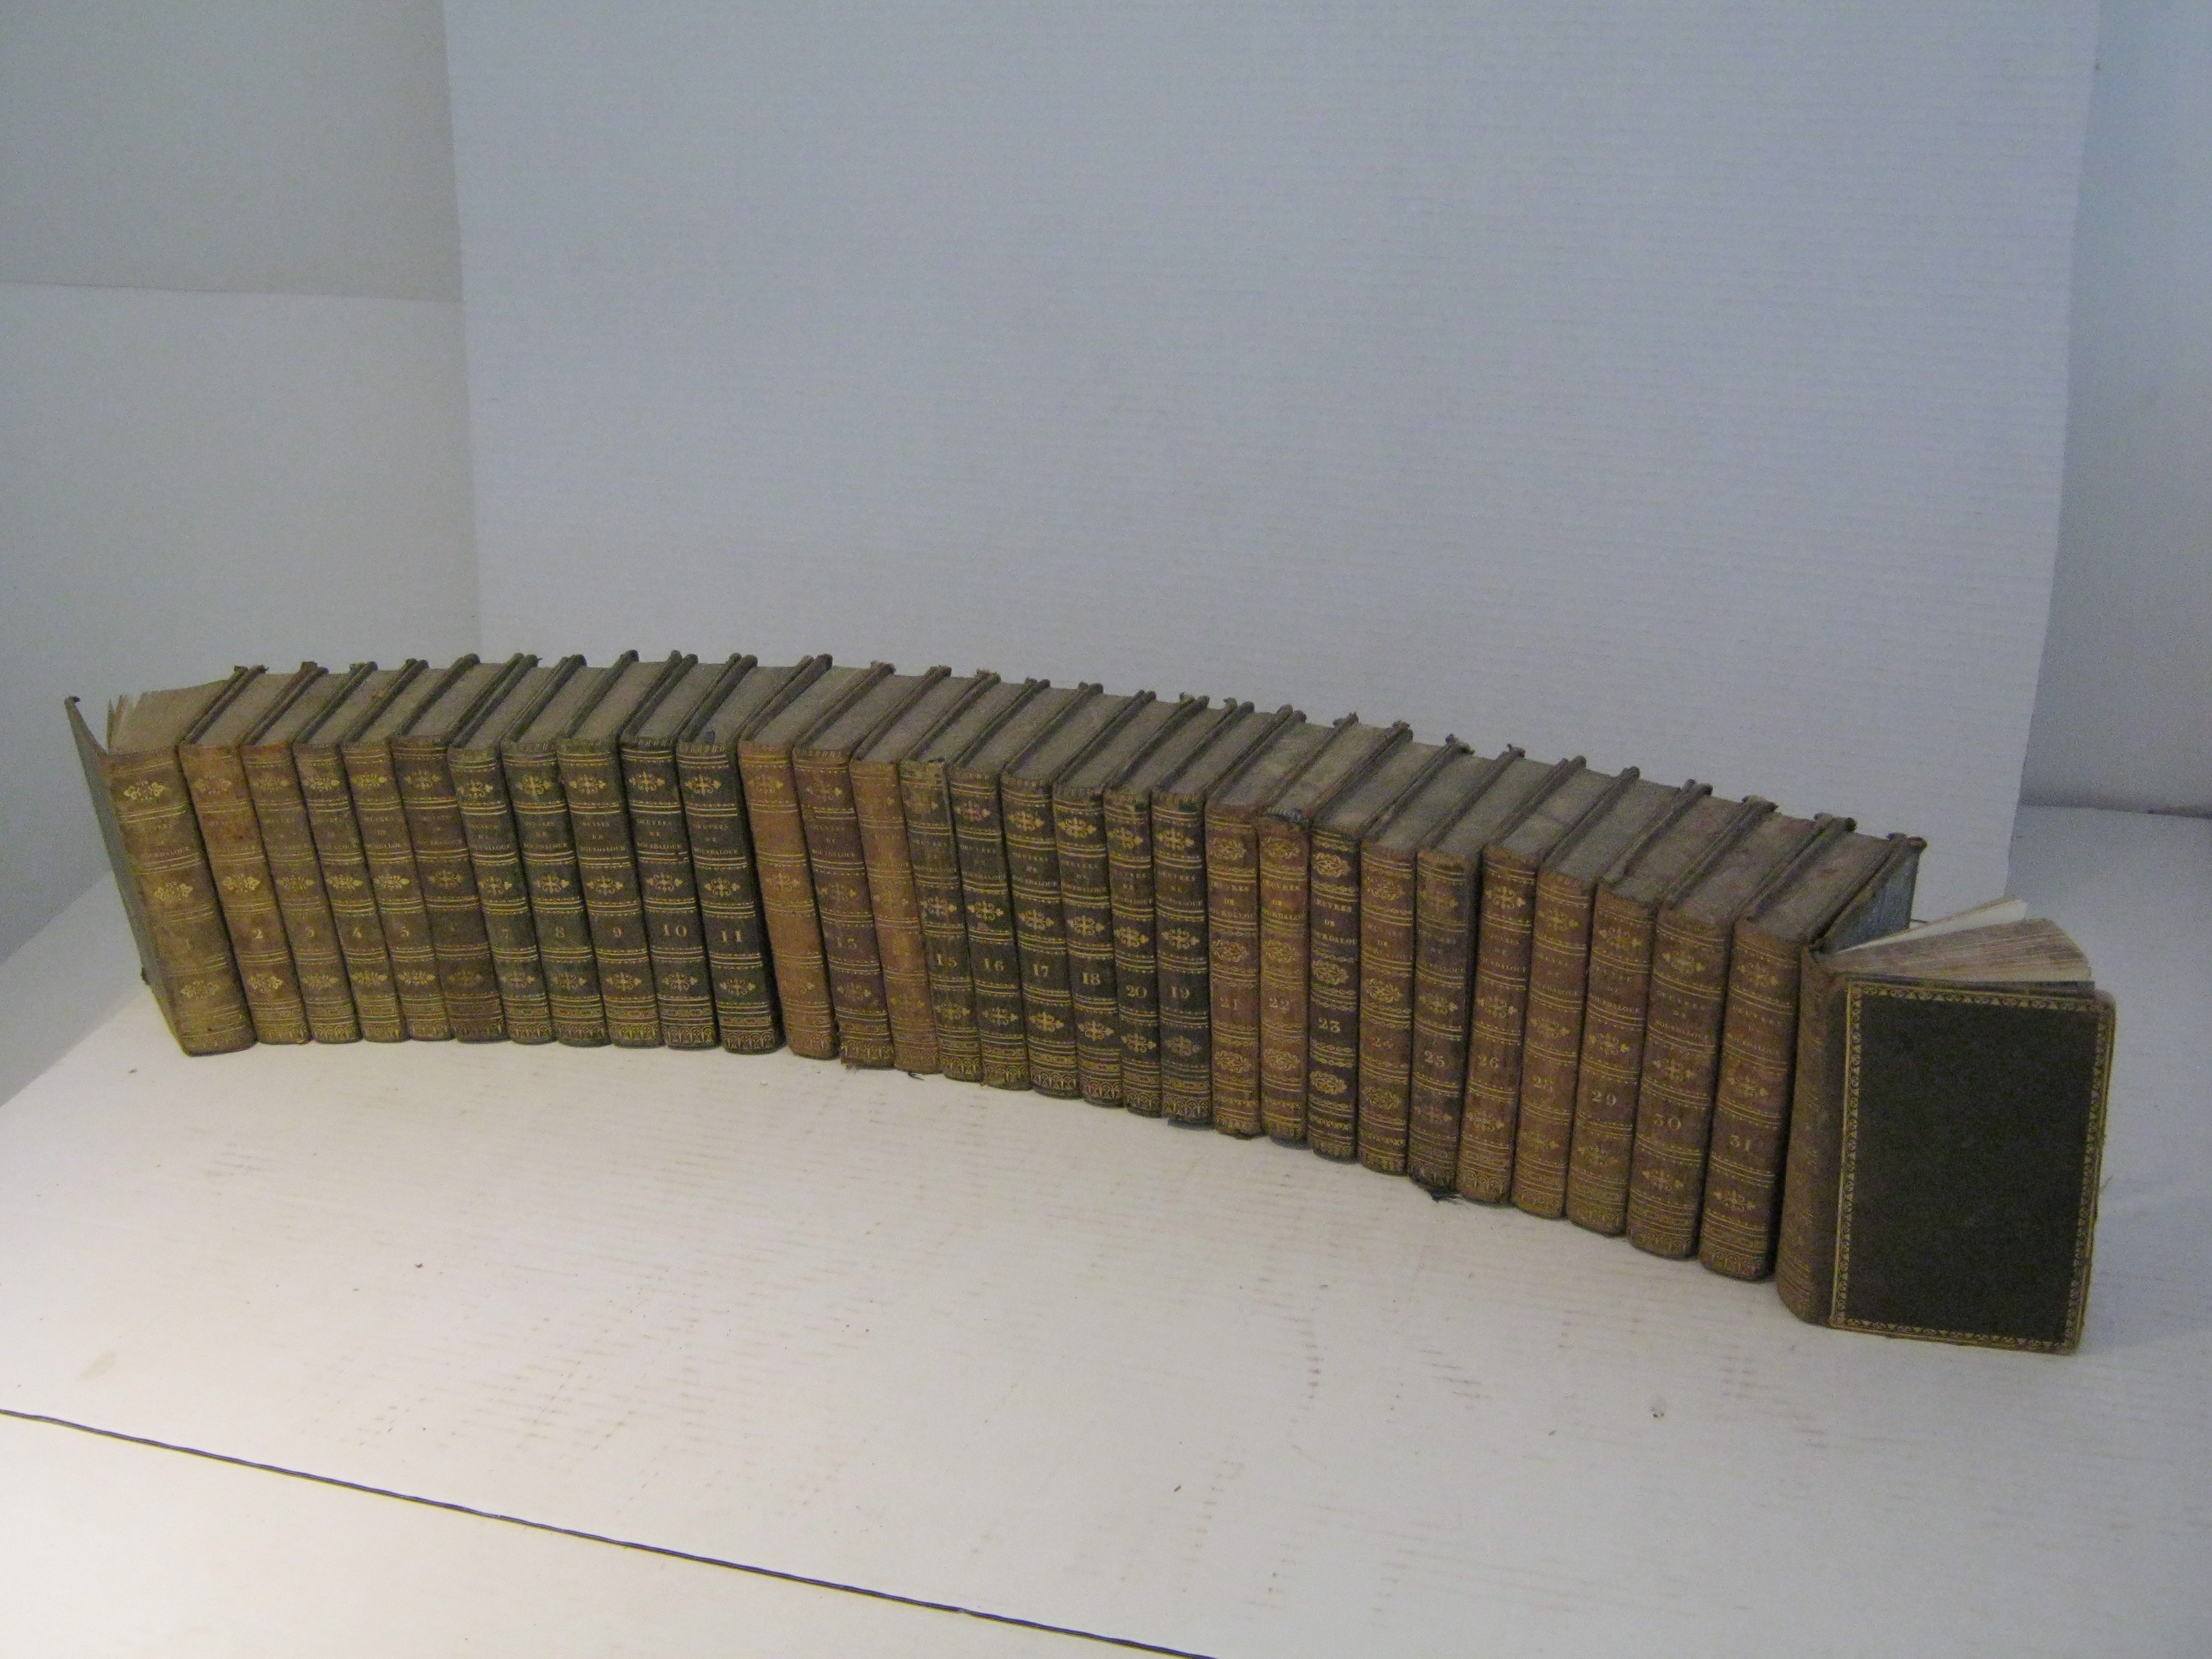 OEUVRES COMPLETES DE BOURDALOUE COLLATIONNEES SUR LES MEILLEURES EDITIONS. TOMES 1 à 26 et 28 à 32. (INCOMPLET : MANQUE LE TOME 27).